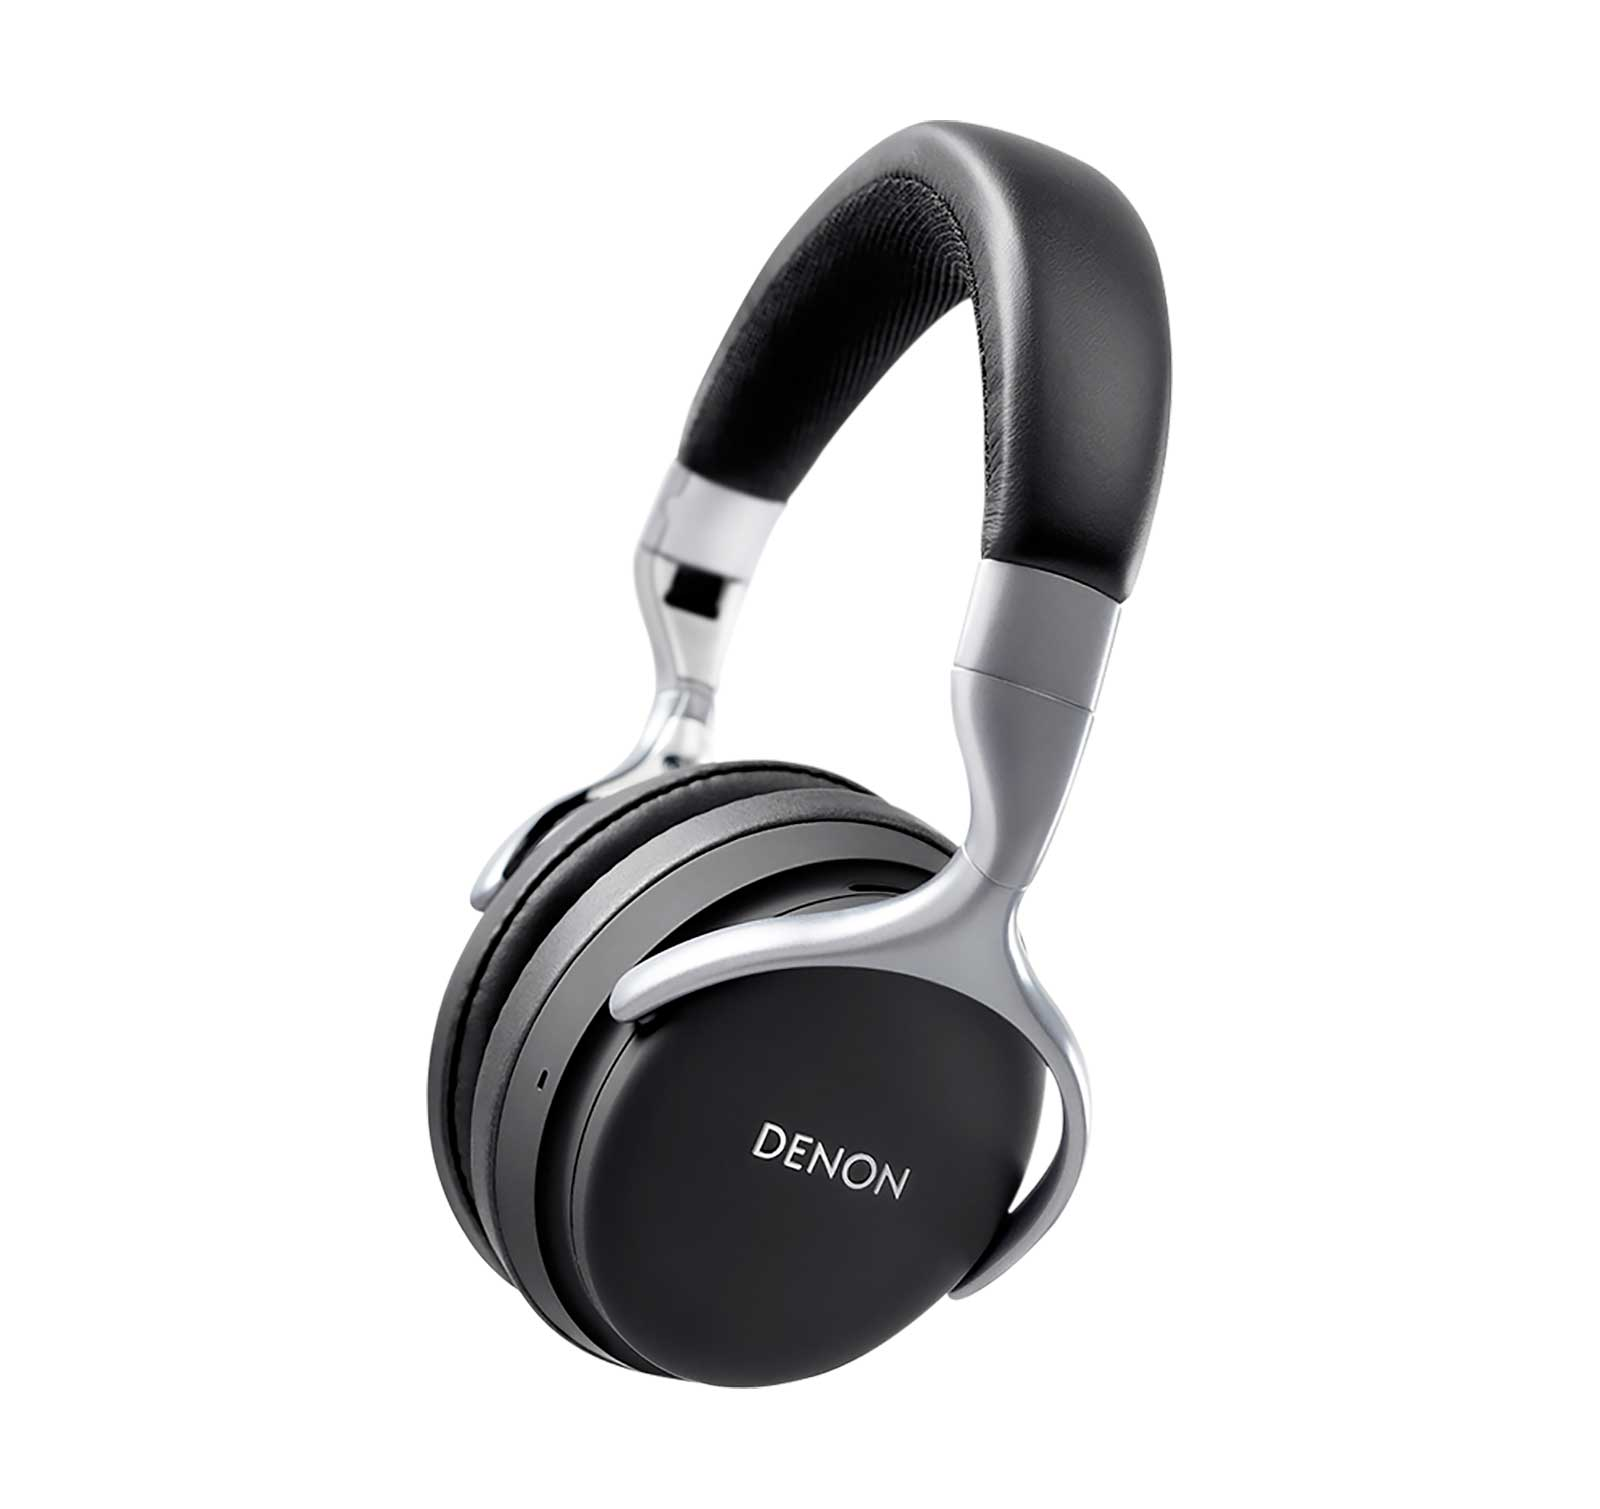 Denon AH-GC20 Dealer Re-Certified Wireless Noise-Cancelin...